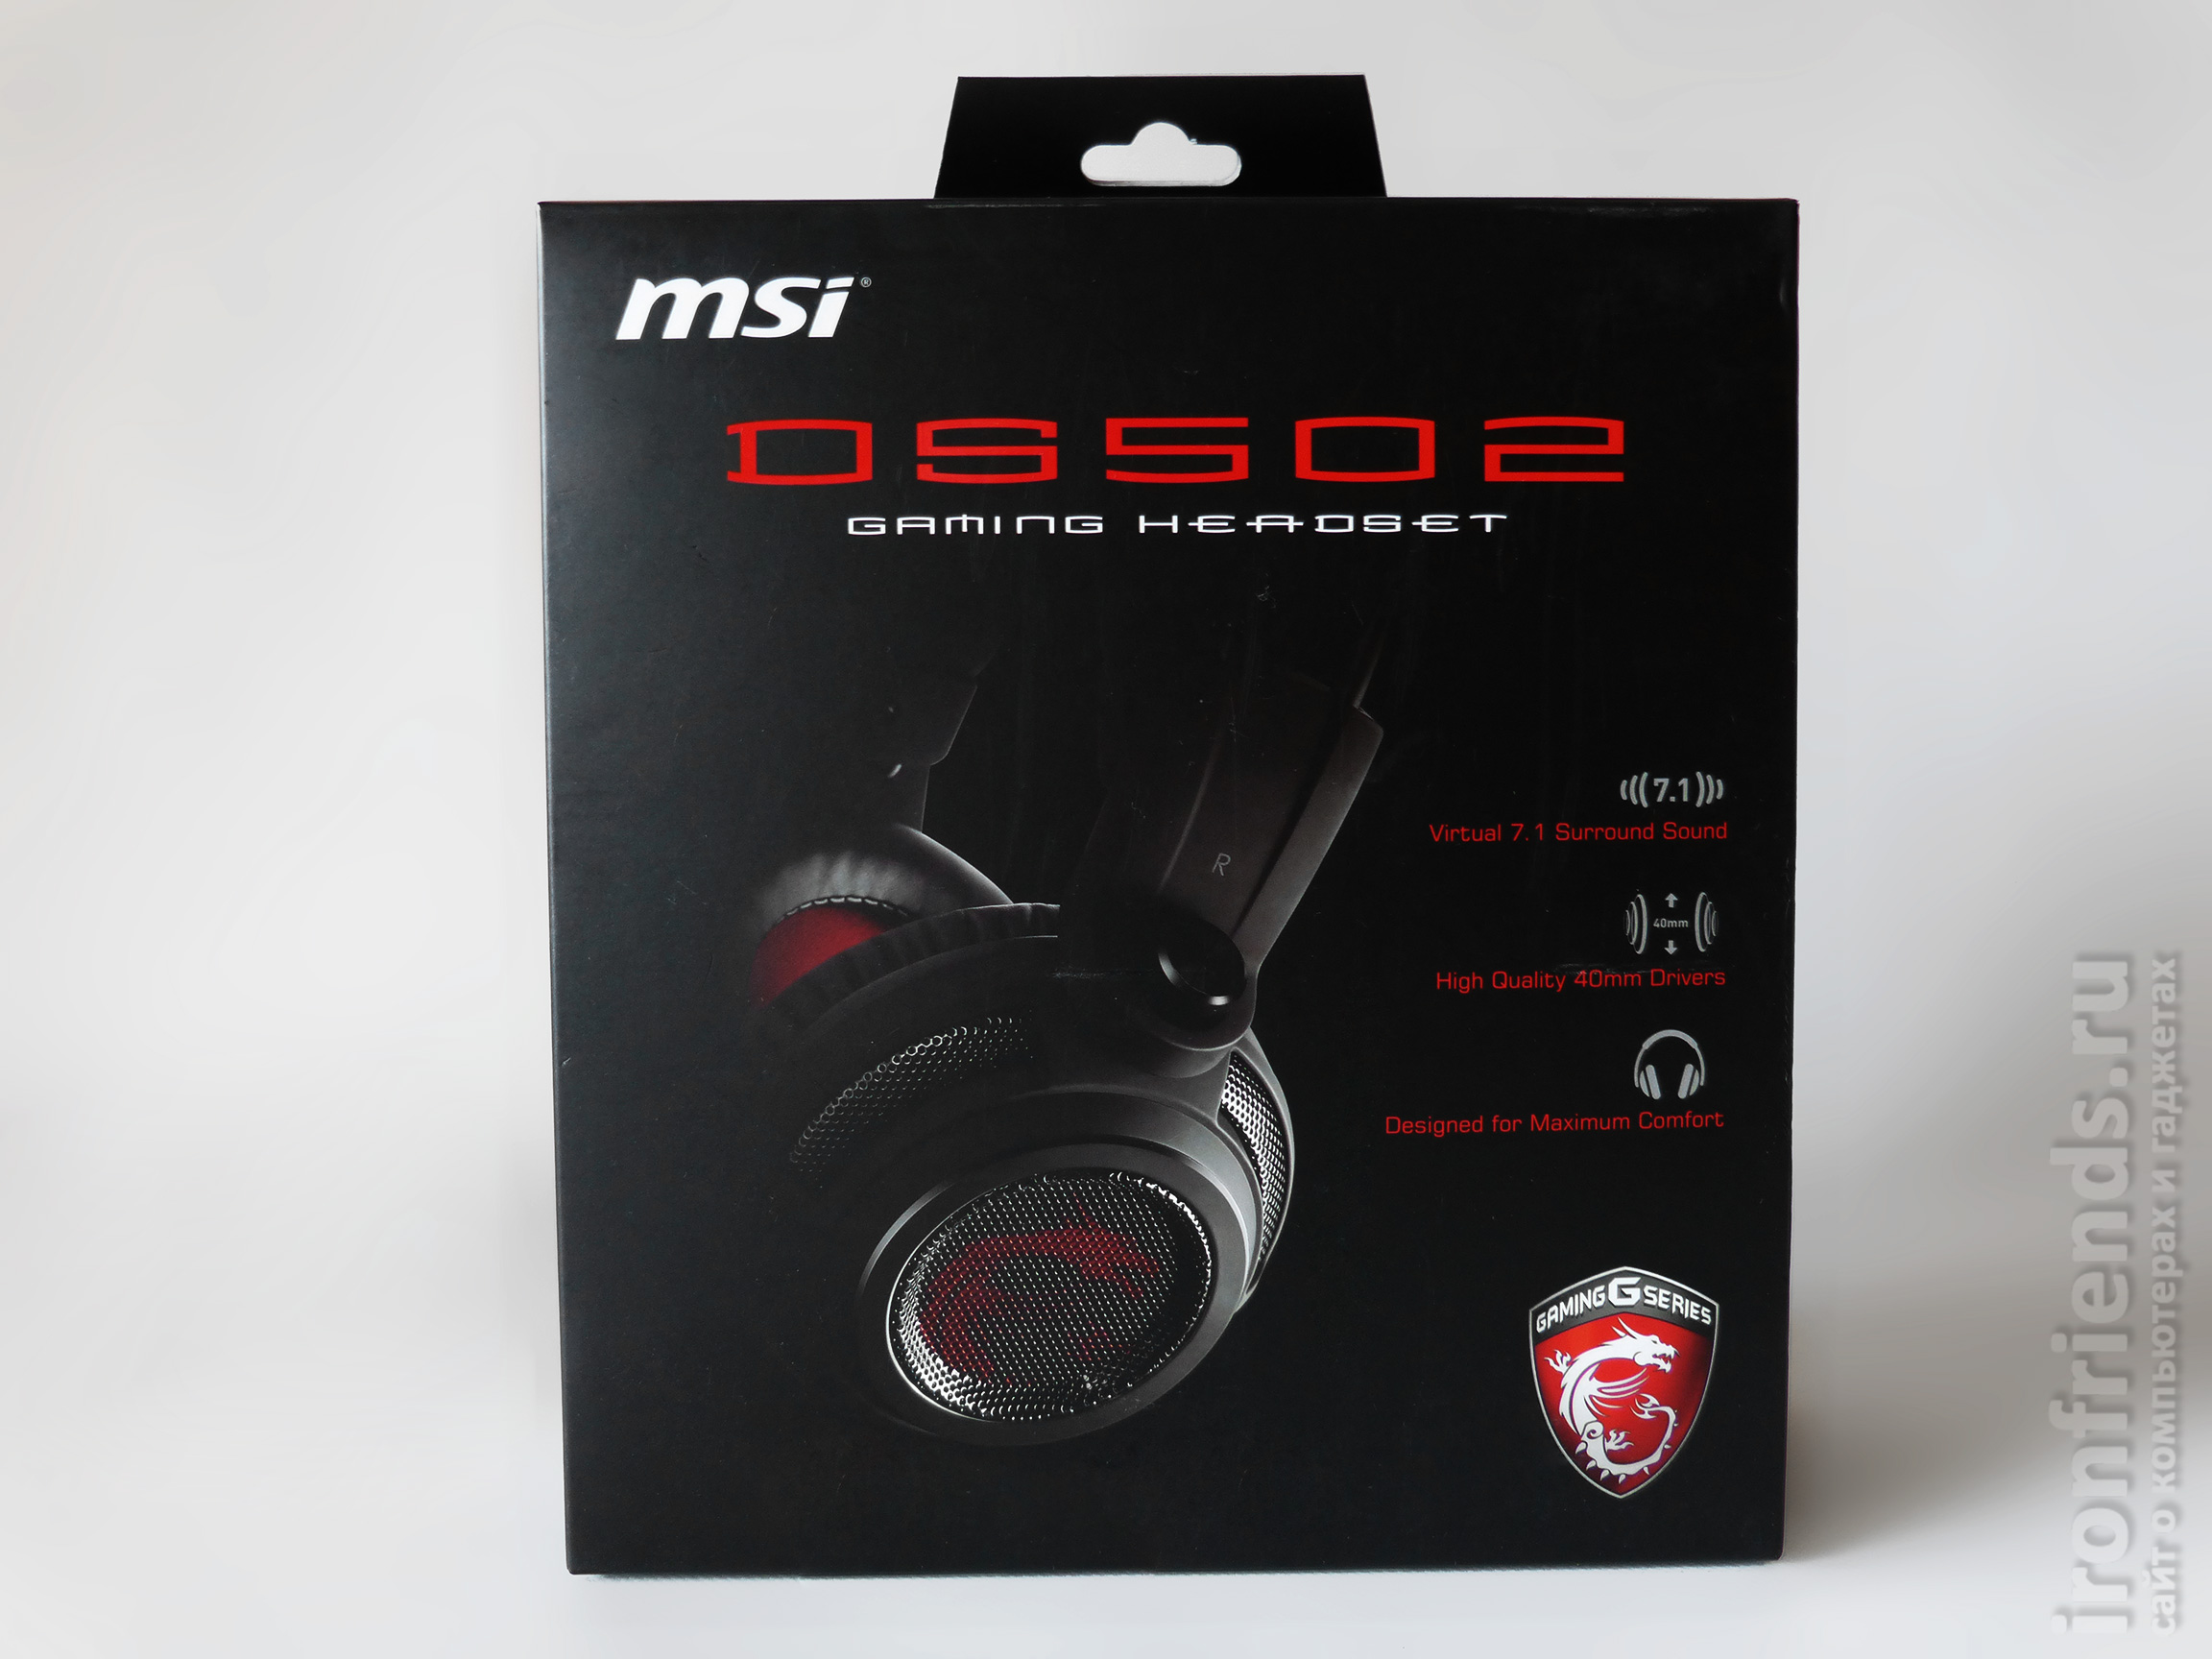 Особенности MSI DS502